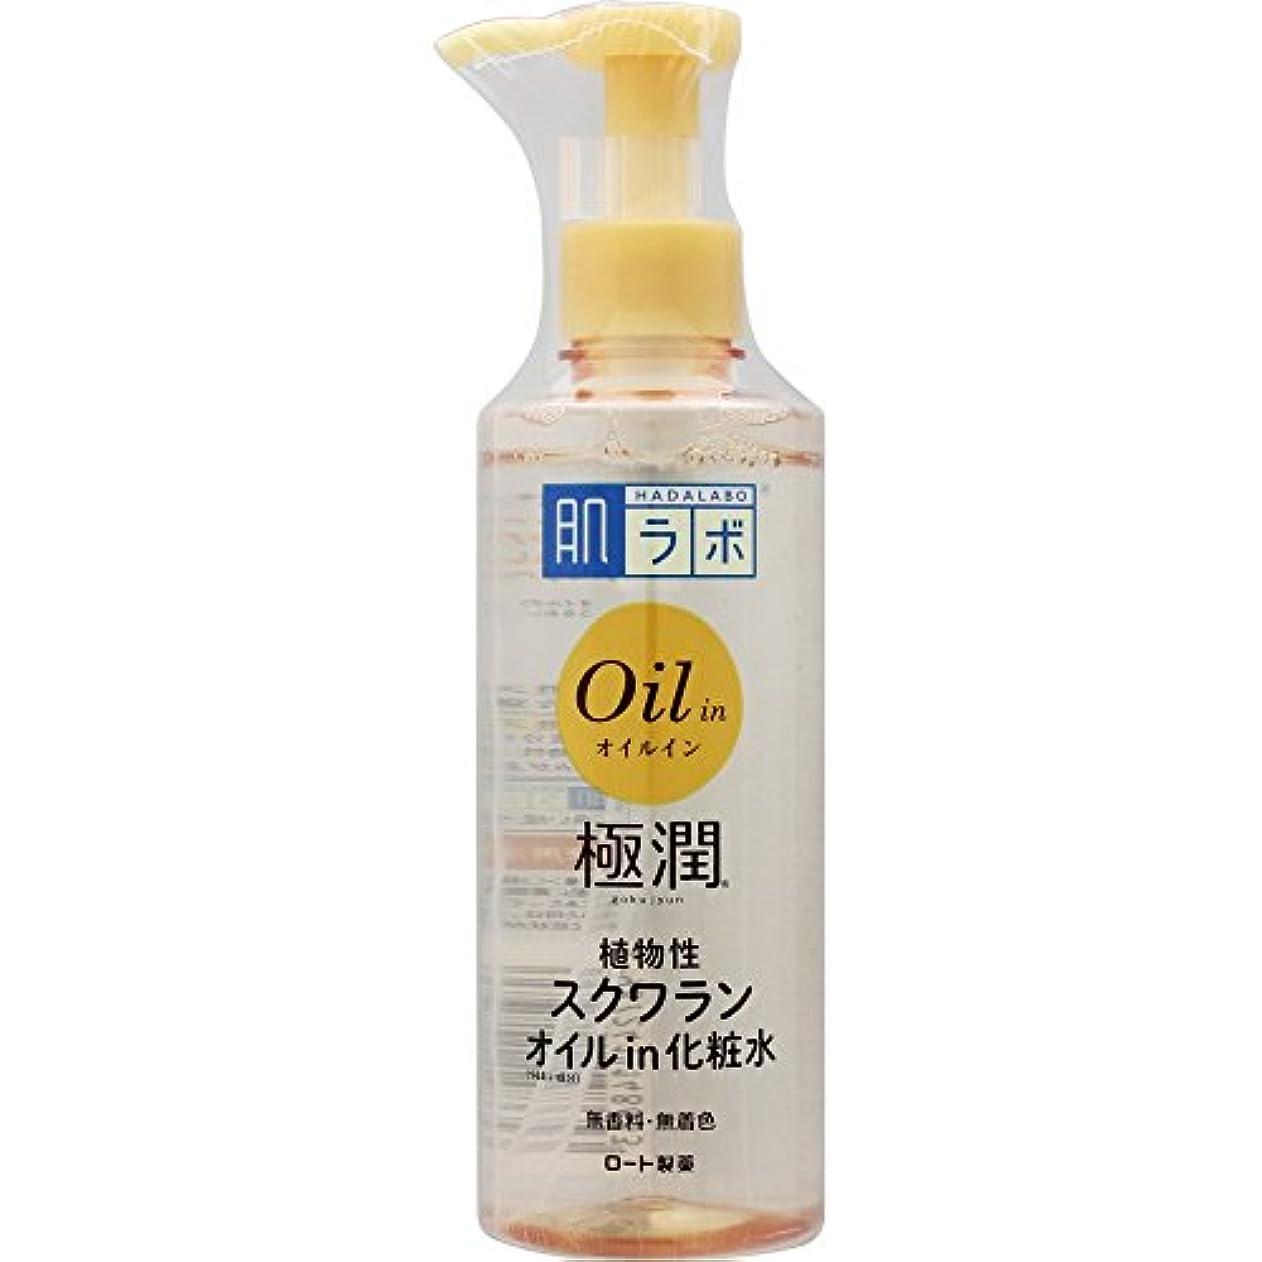 改革決済ブロッサム肌ラボ 極潤オイルイン化粧水 植物性スクワランオイル配合 220ml